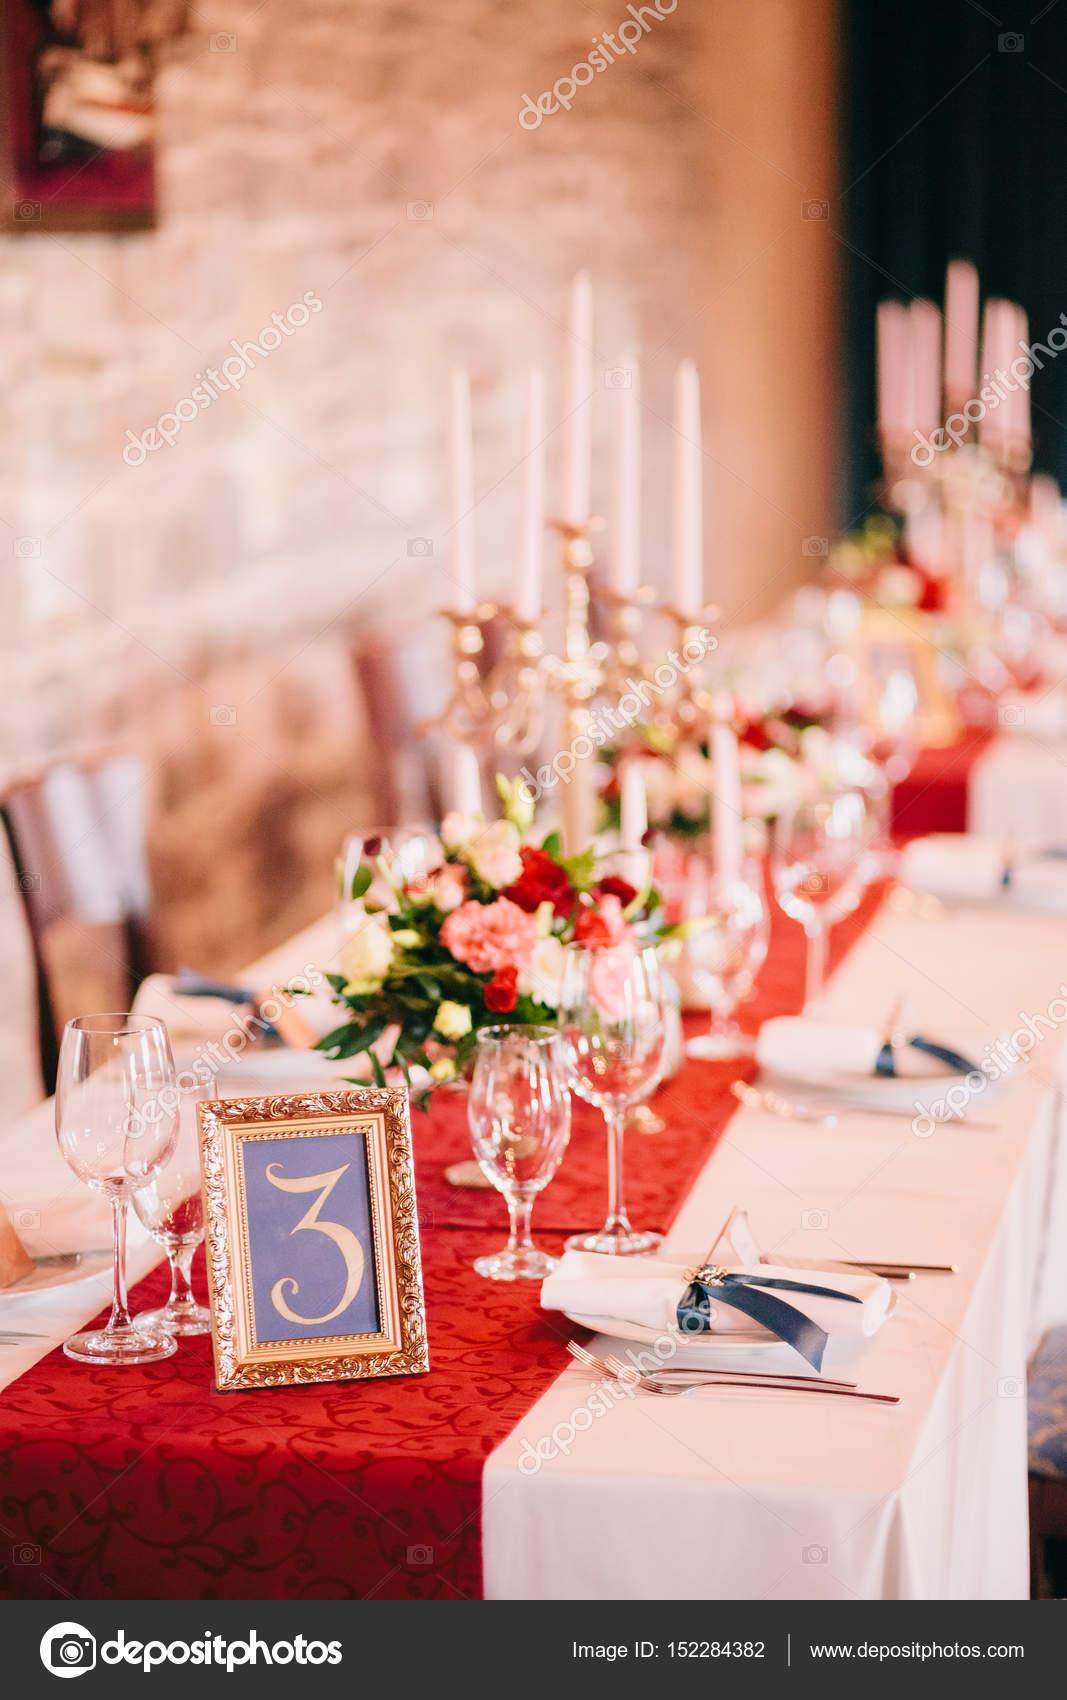 Entzuckend Hochzeit Tisch Herzstück U2014 Stockfoto